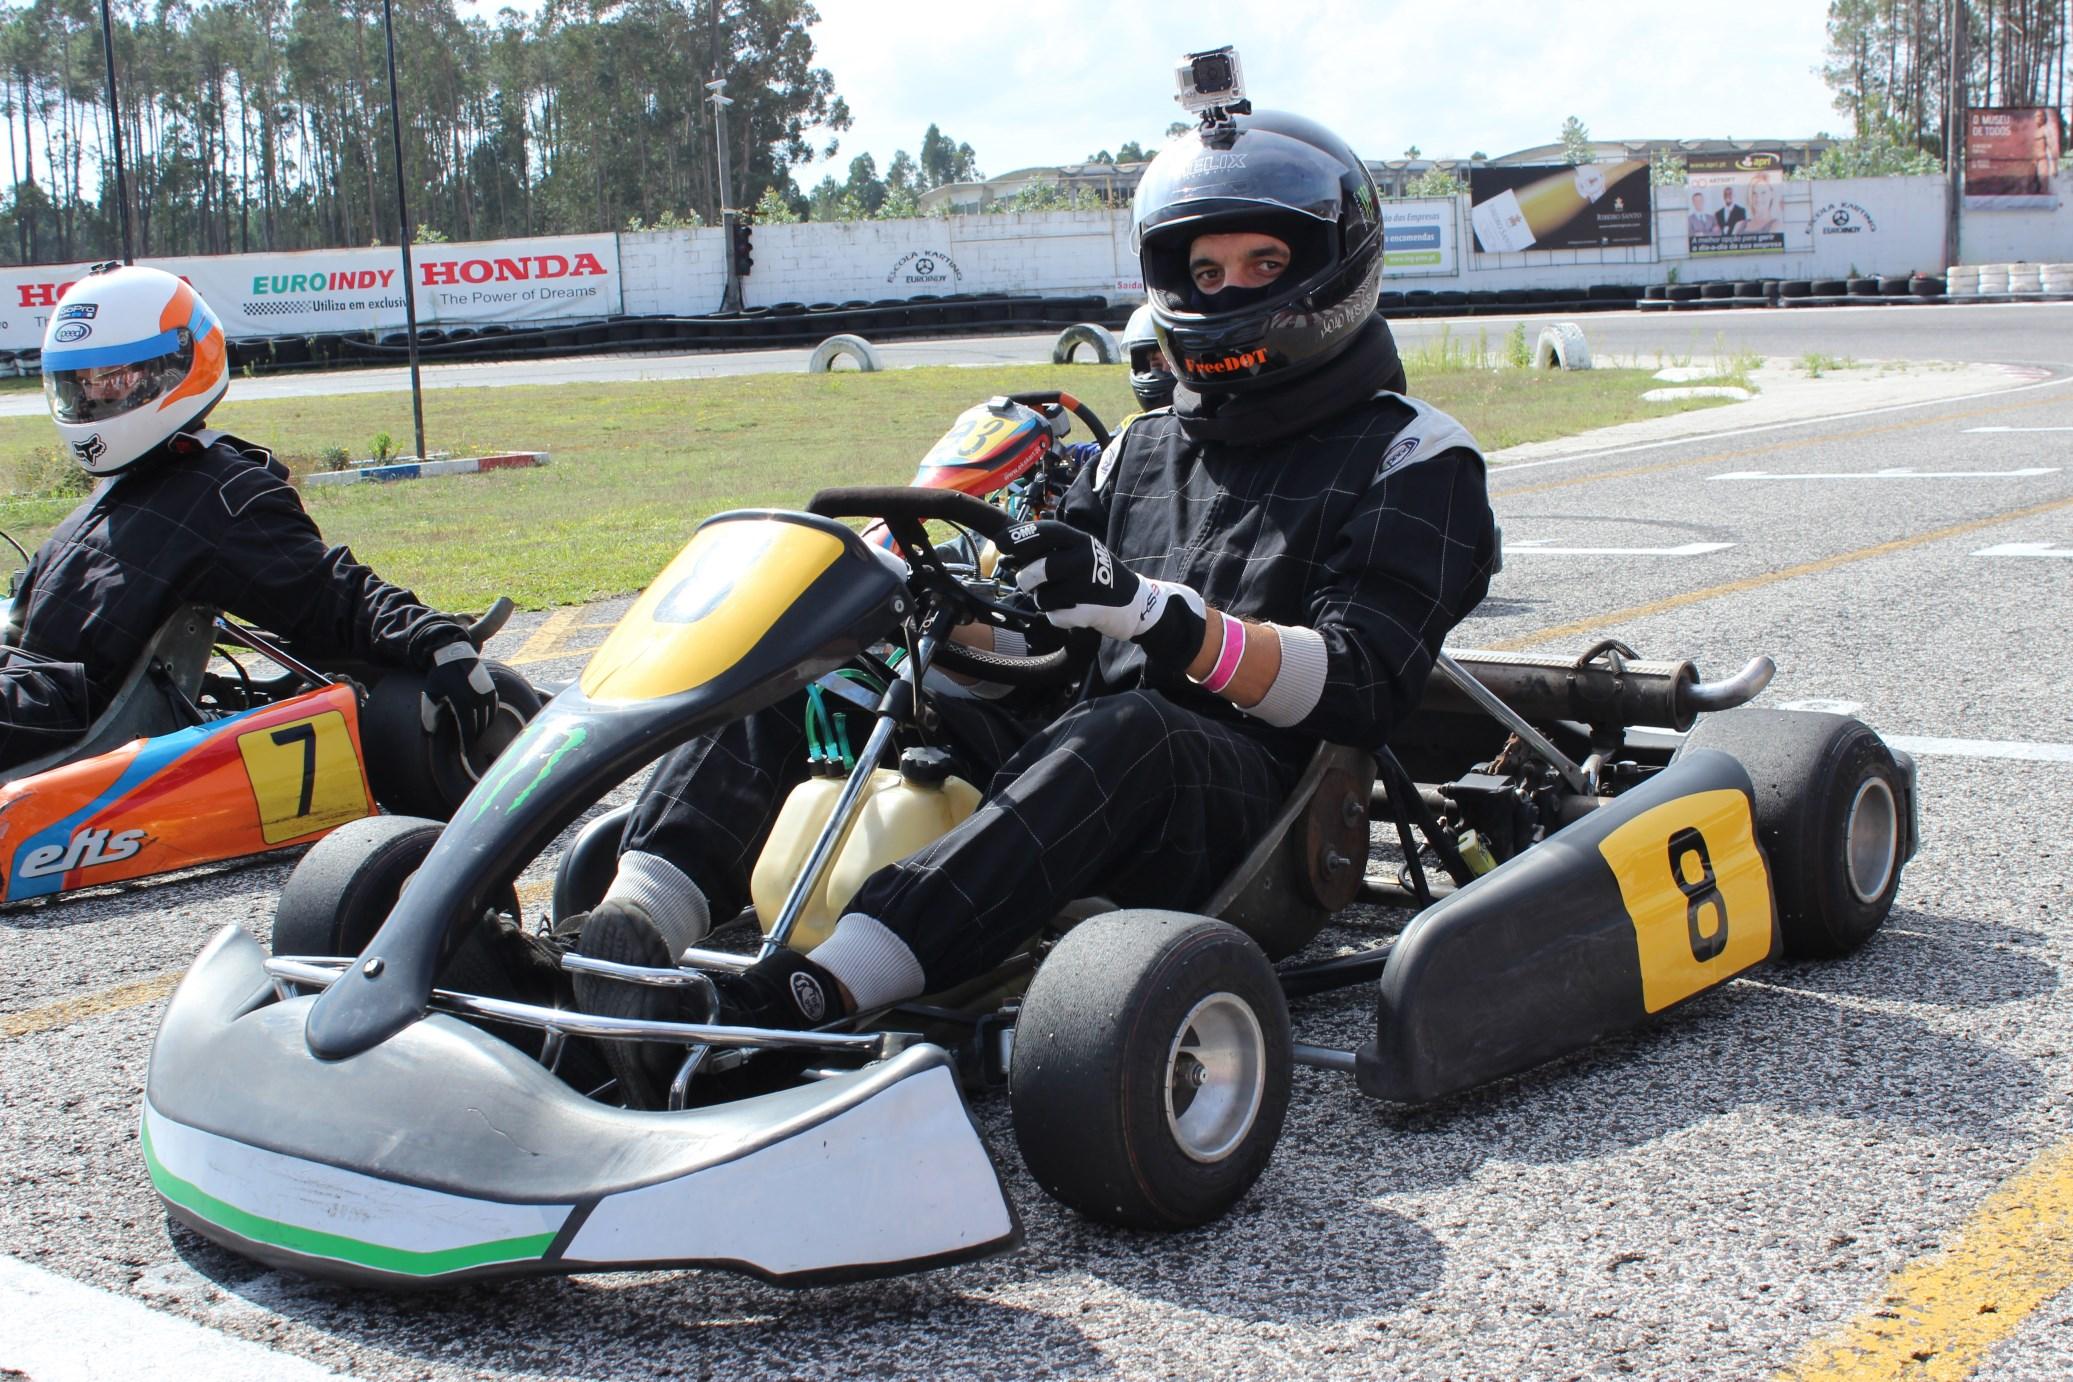 Troféu Honda 2014 - 3ª Prova103